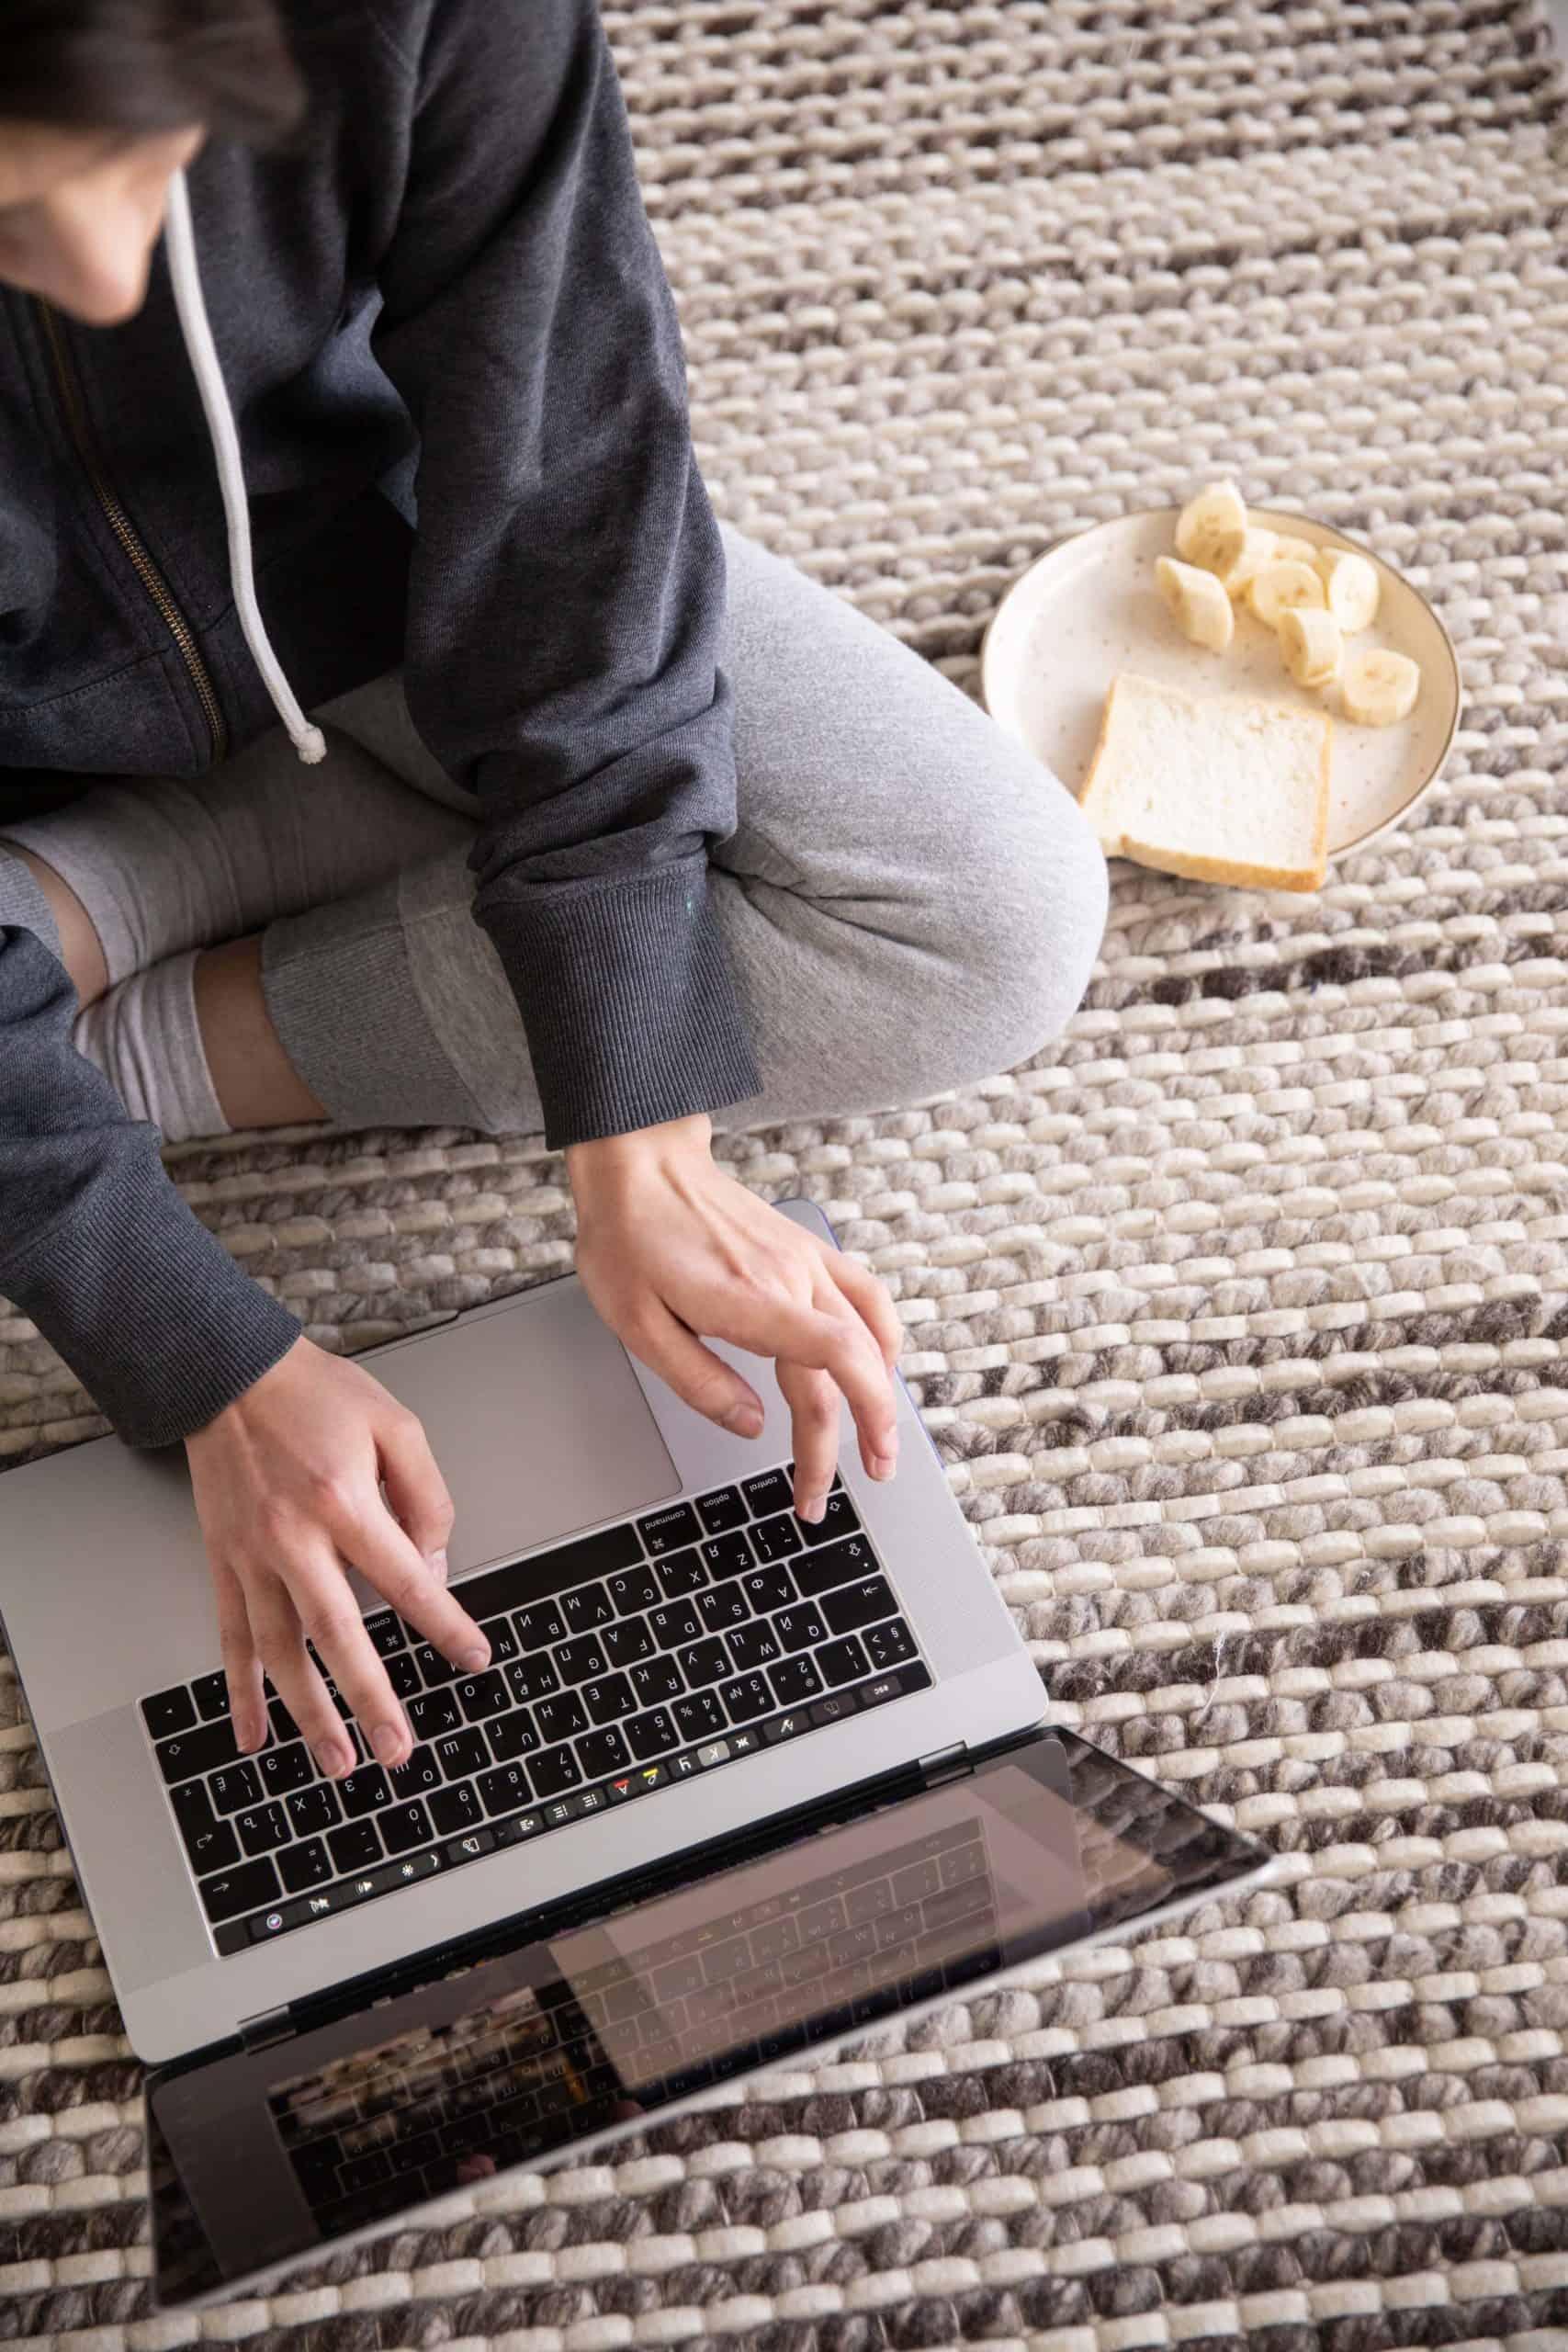 Woman working on laptop on floor